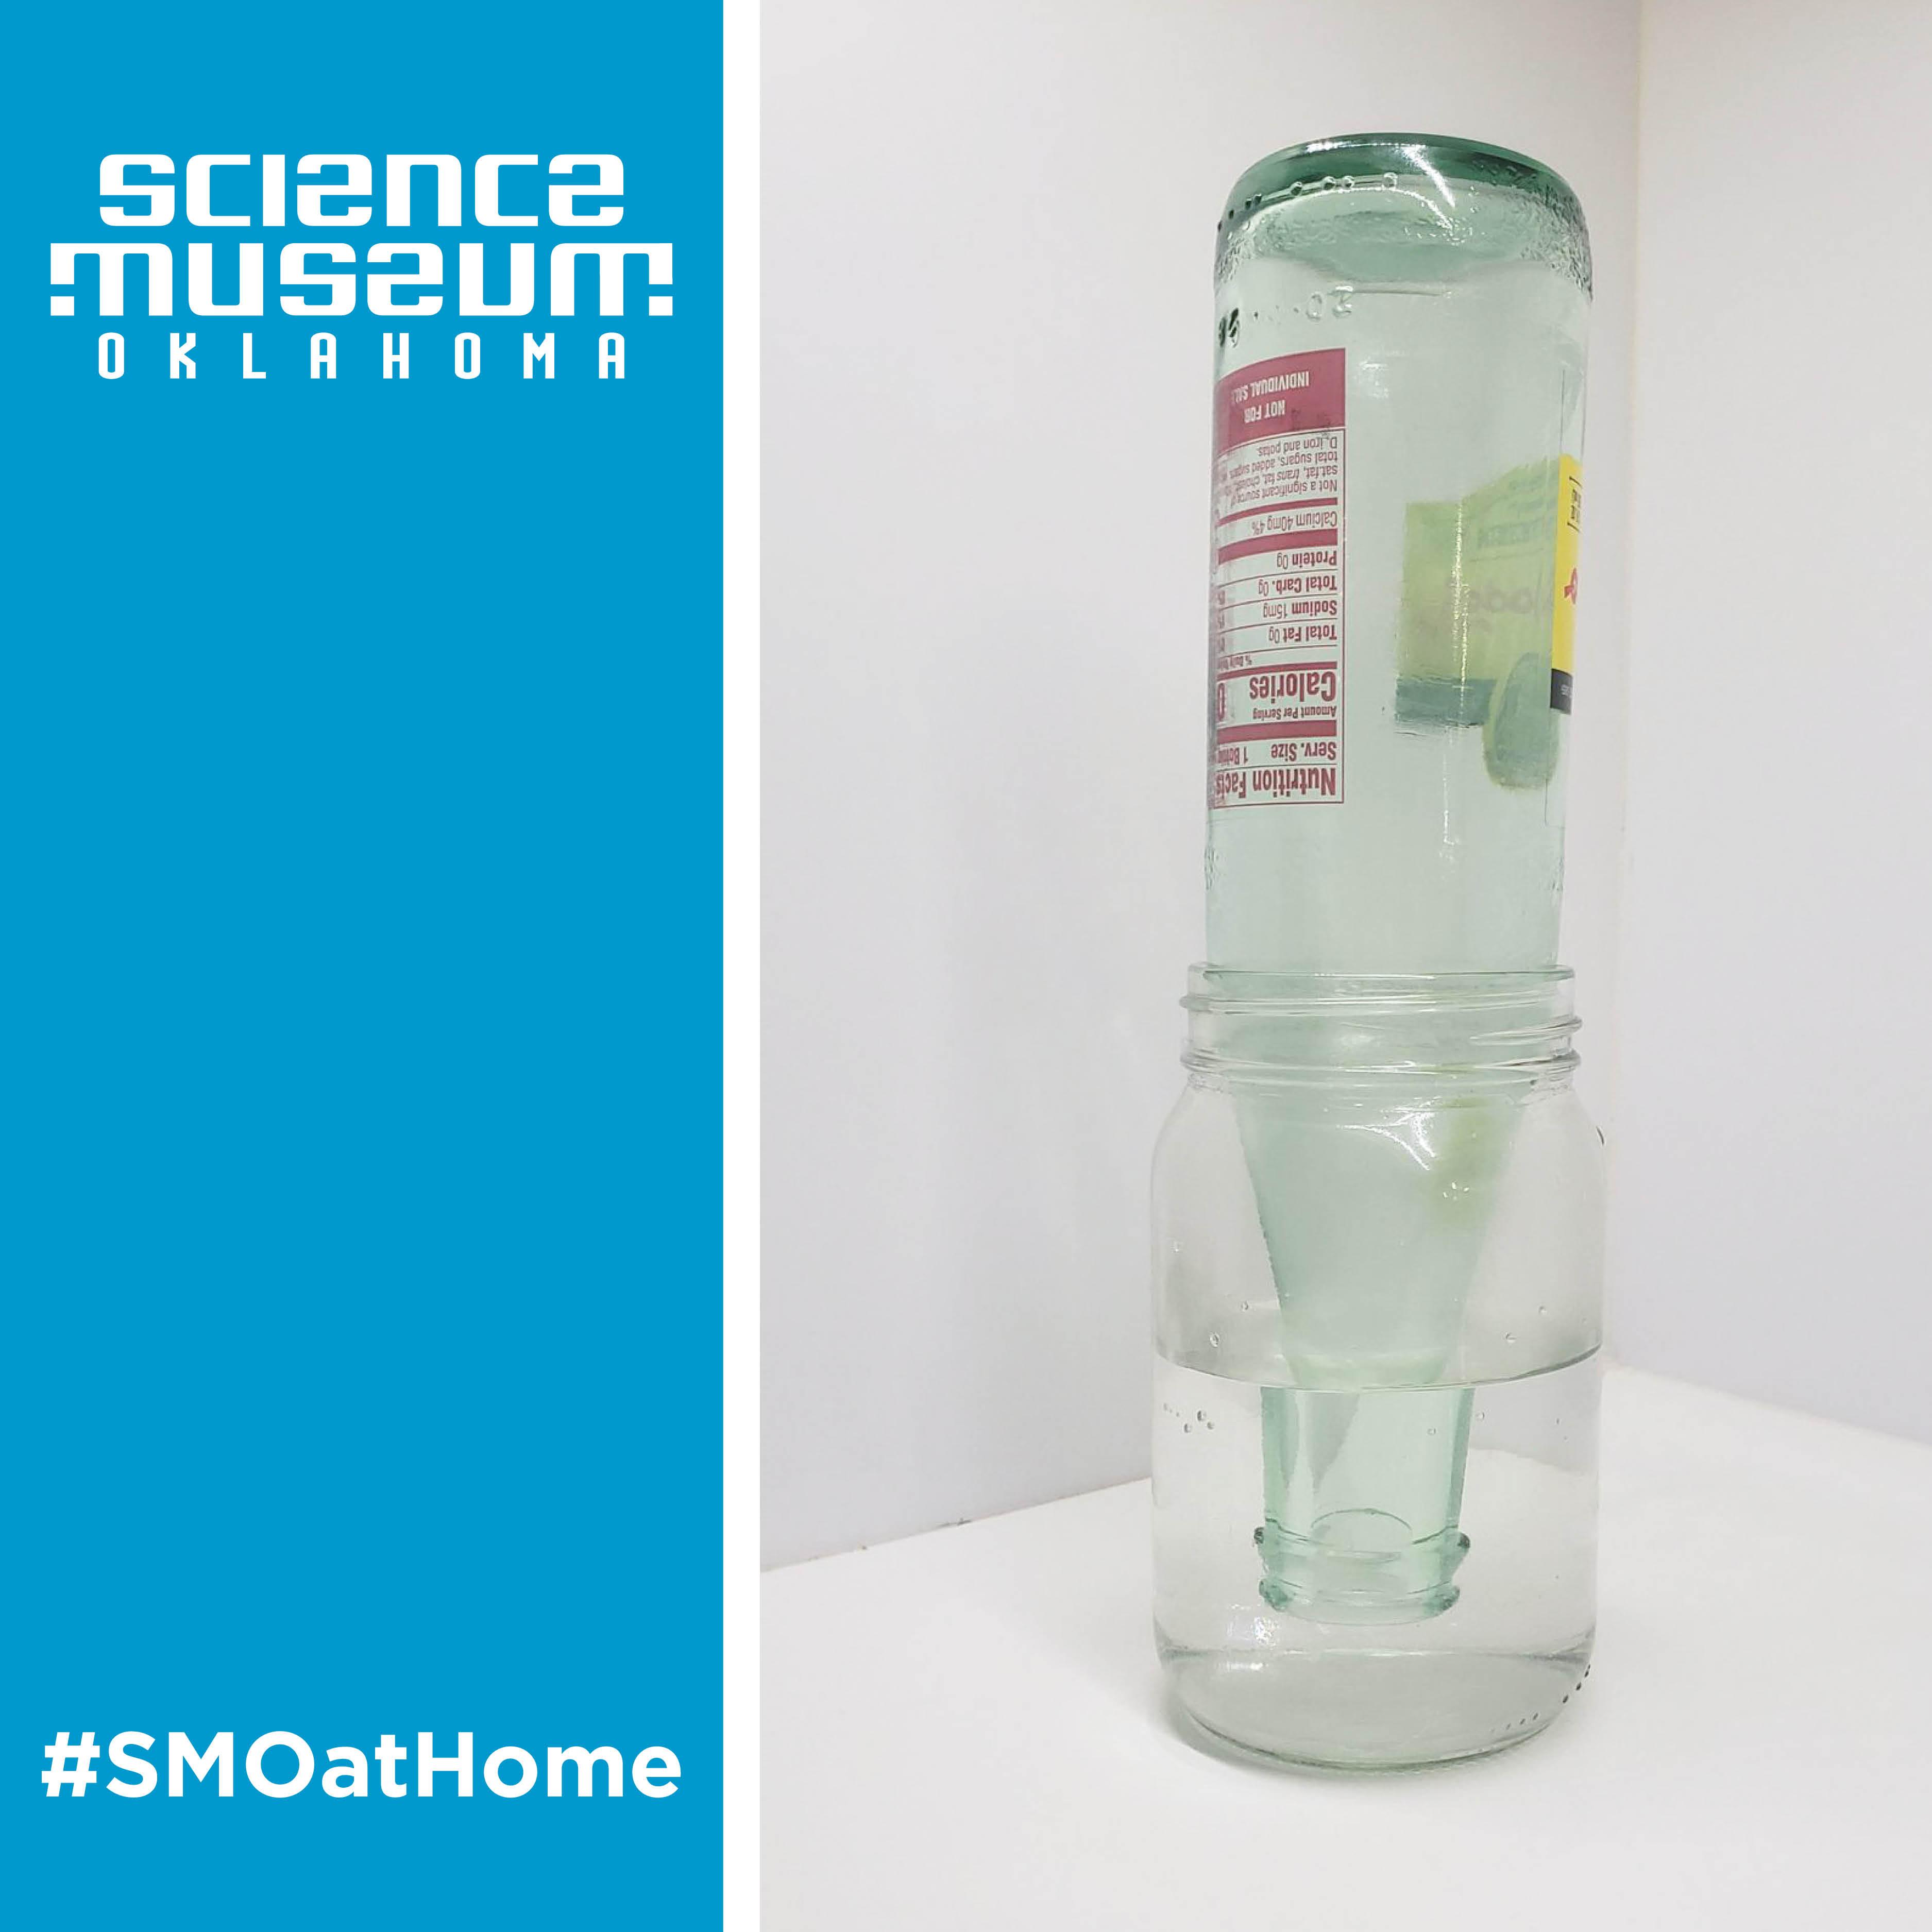 Photo of a glass bottle upside down in a mason jar. The jar has water in it.